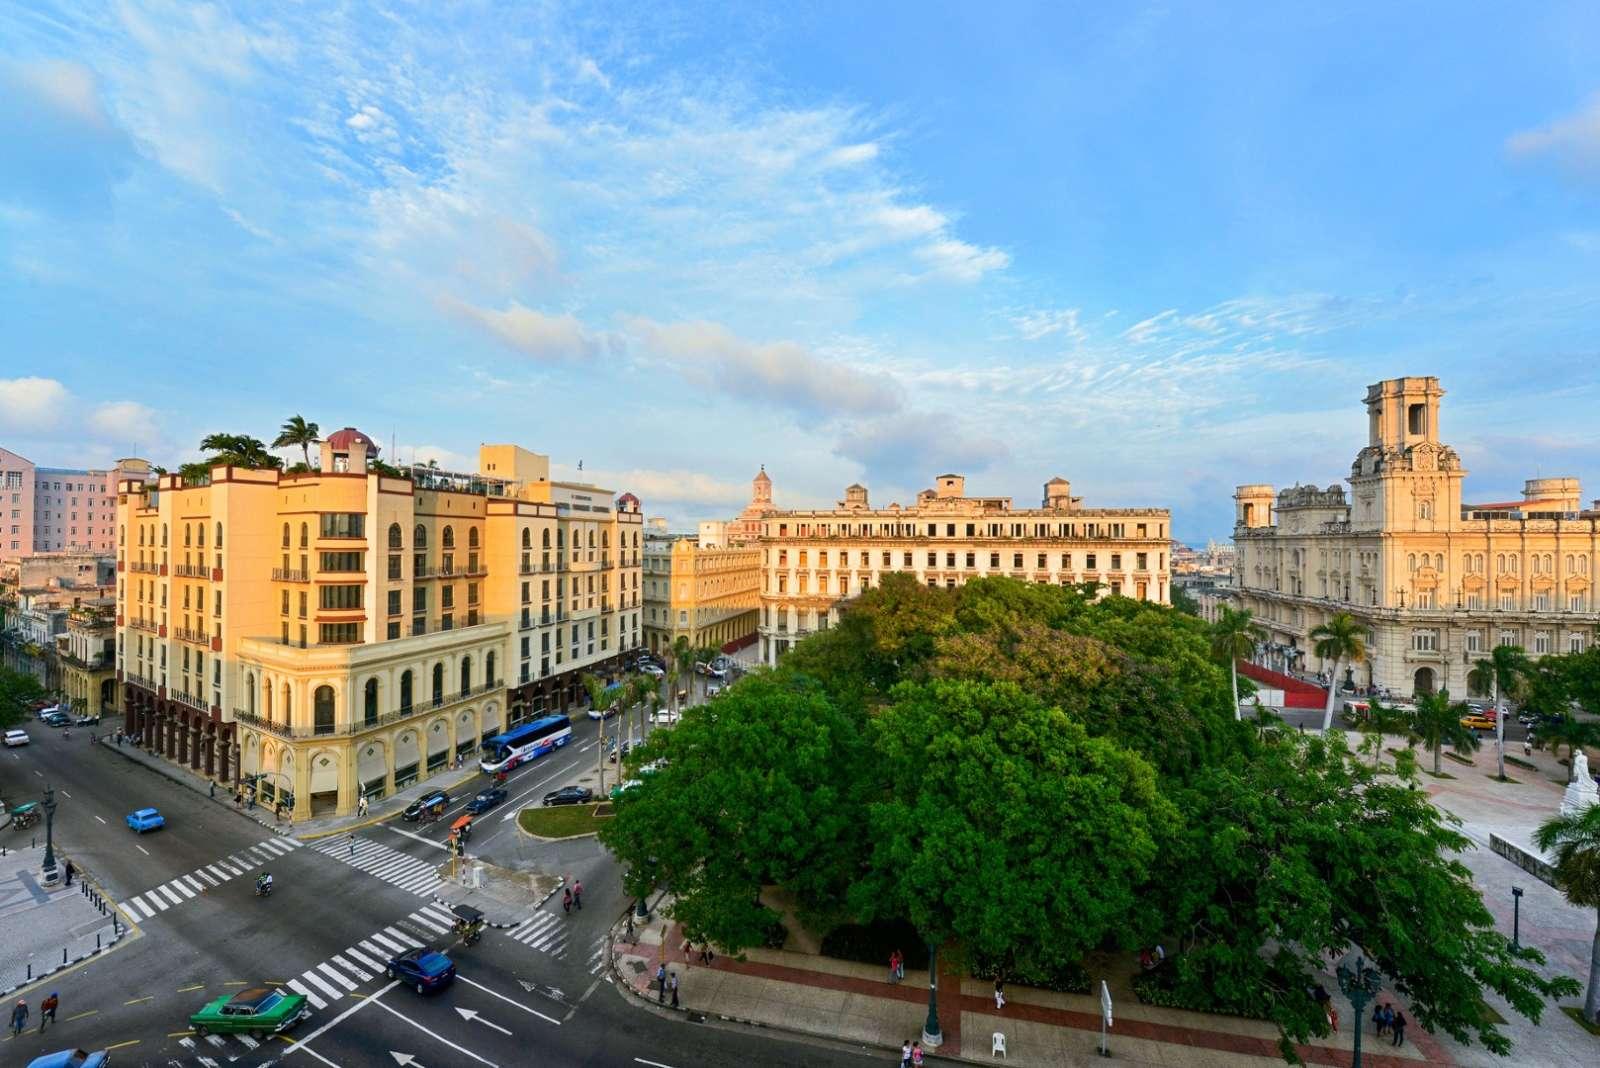 Parque Central in Havana, Cuba